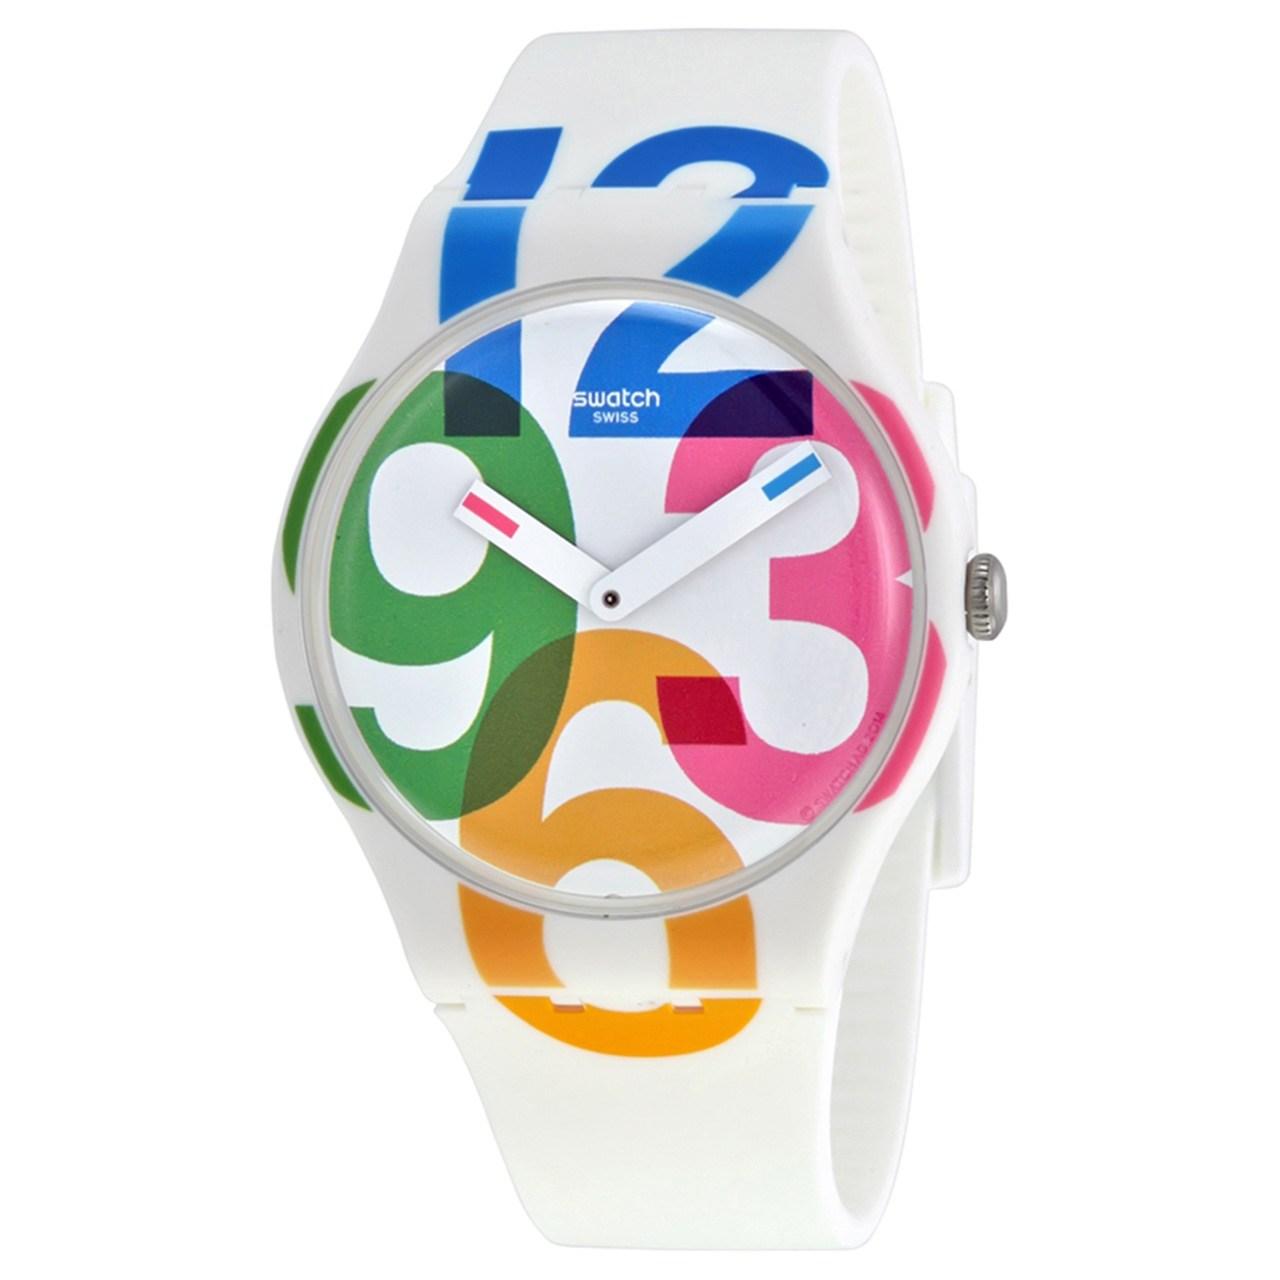 ساعت  سواچ مدل SUOW117